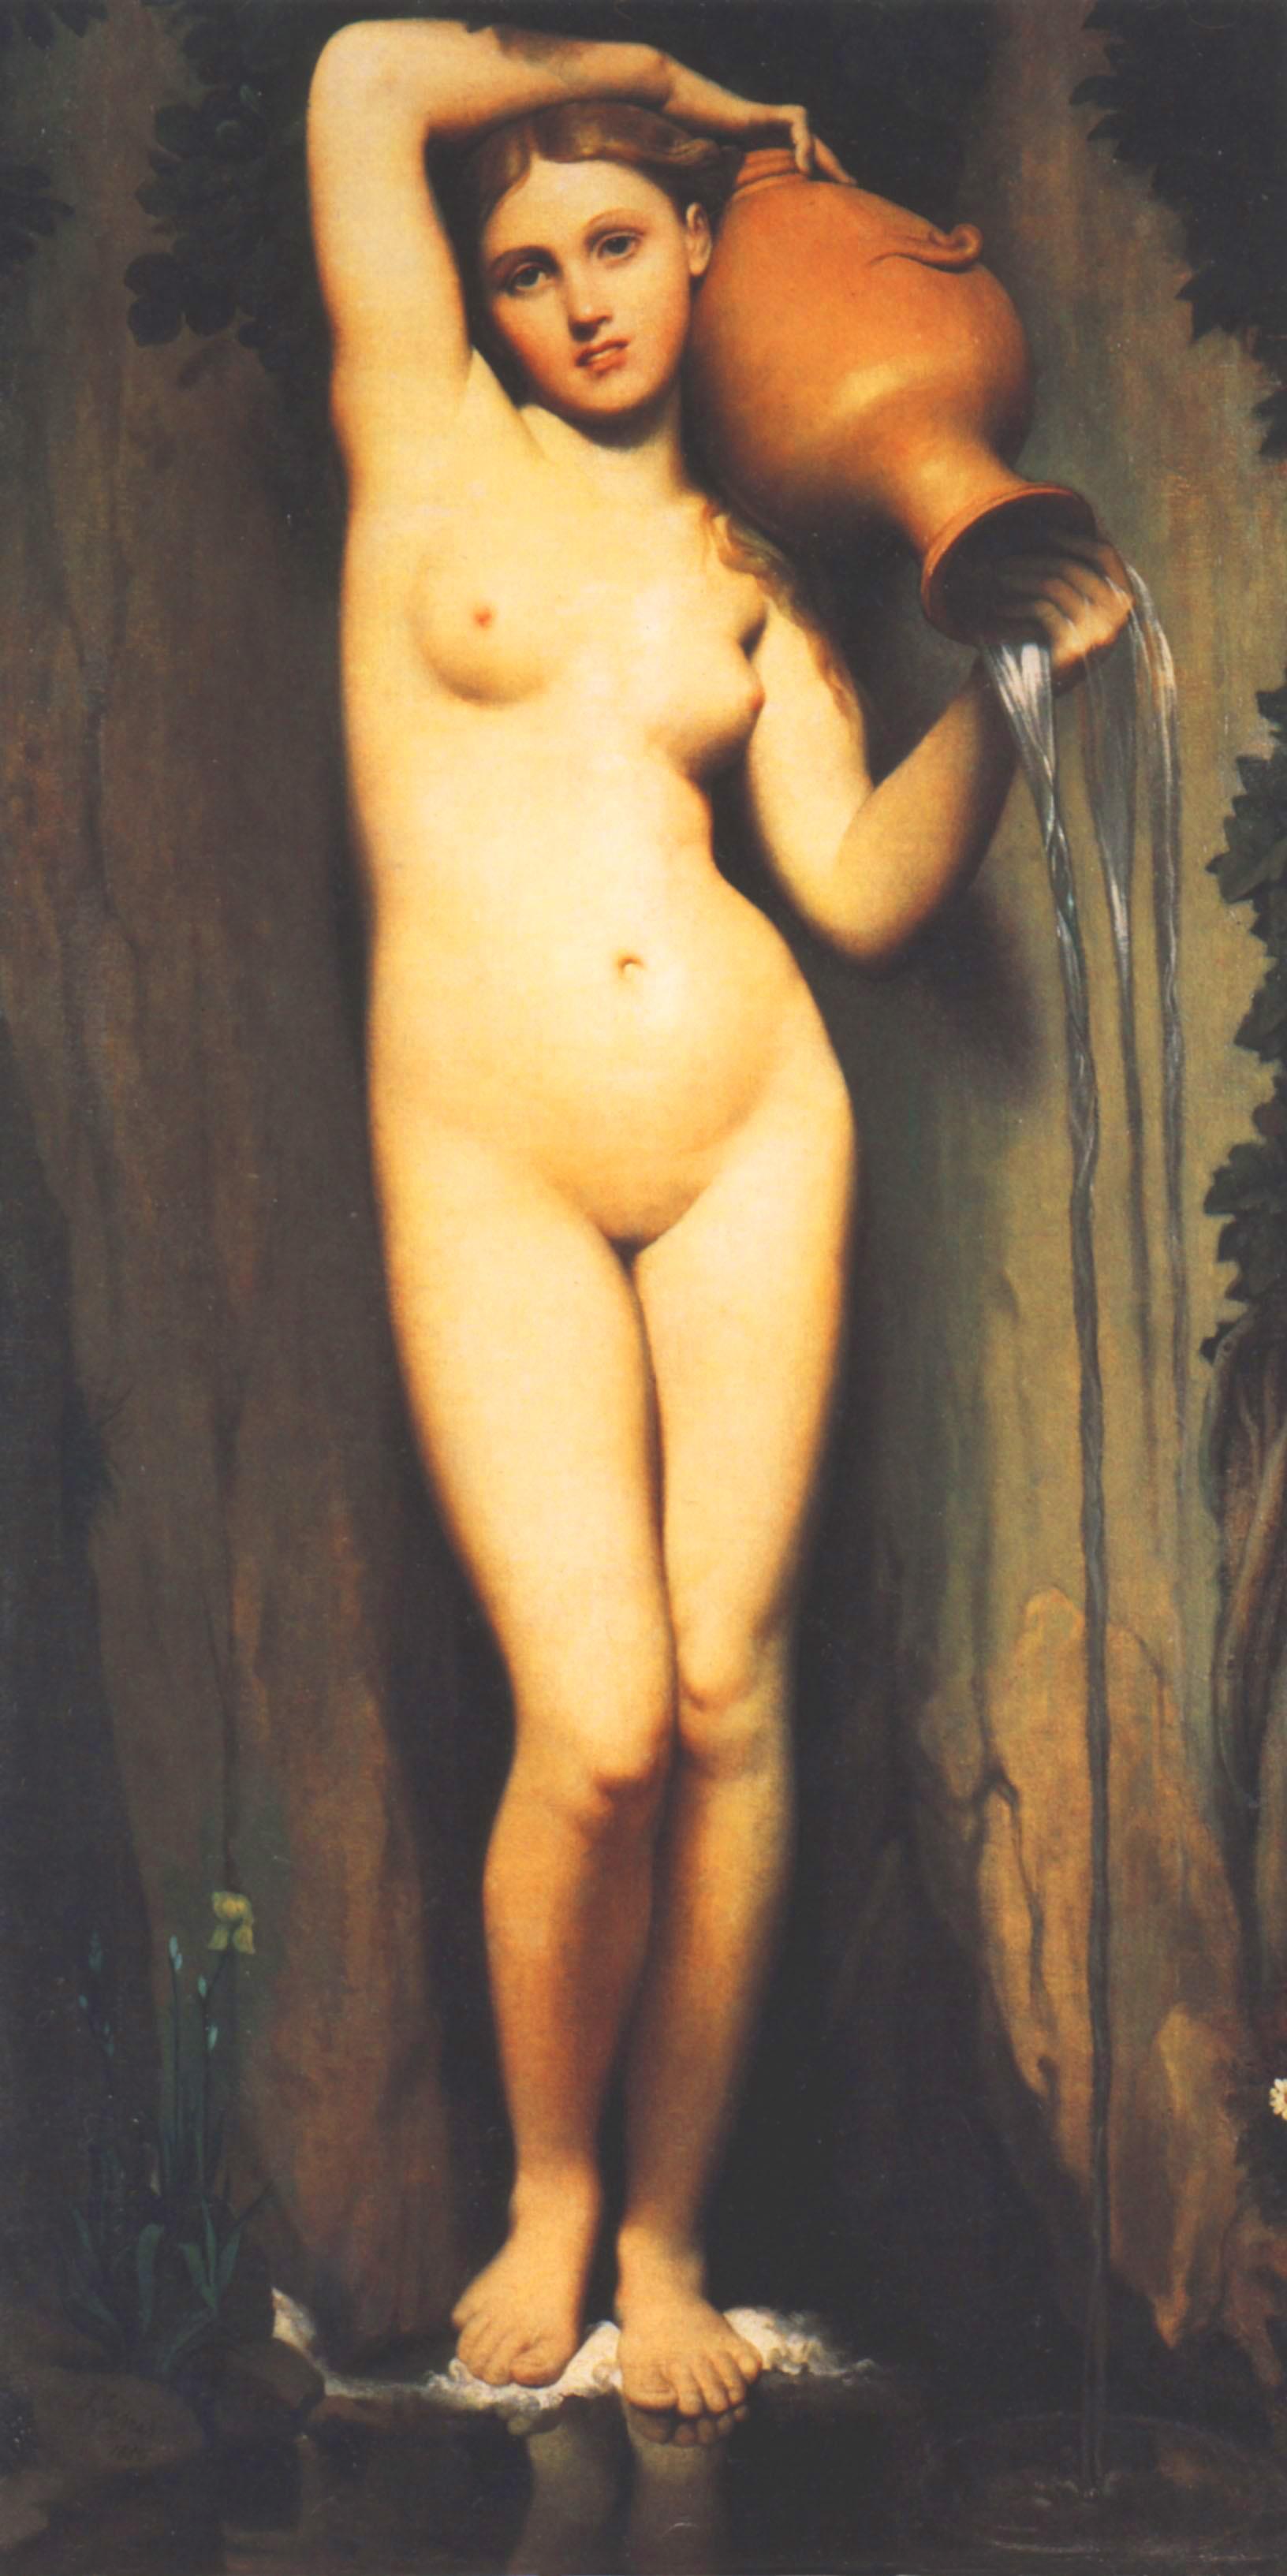 安格尔最美的女性人体油画作品《泉》高清图片赏析(1)